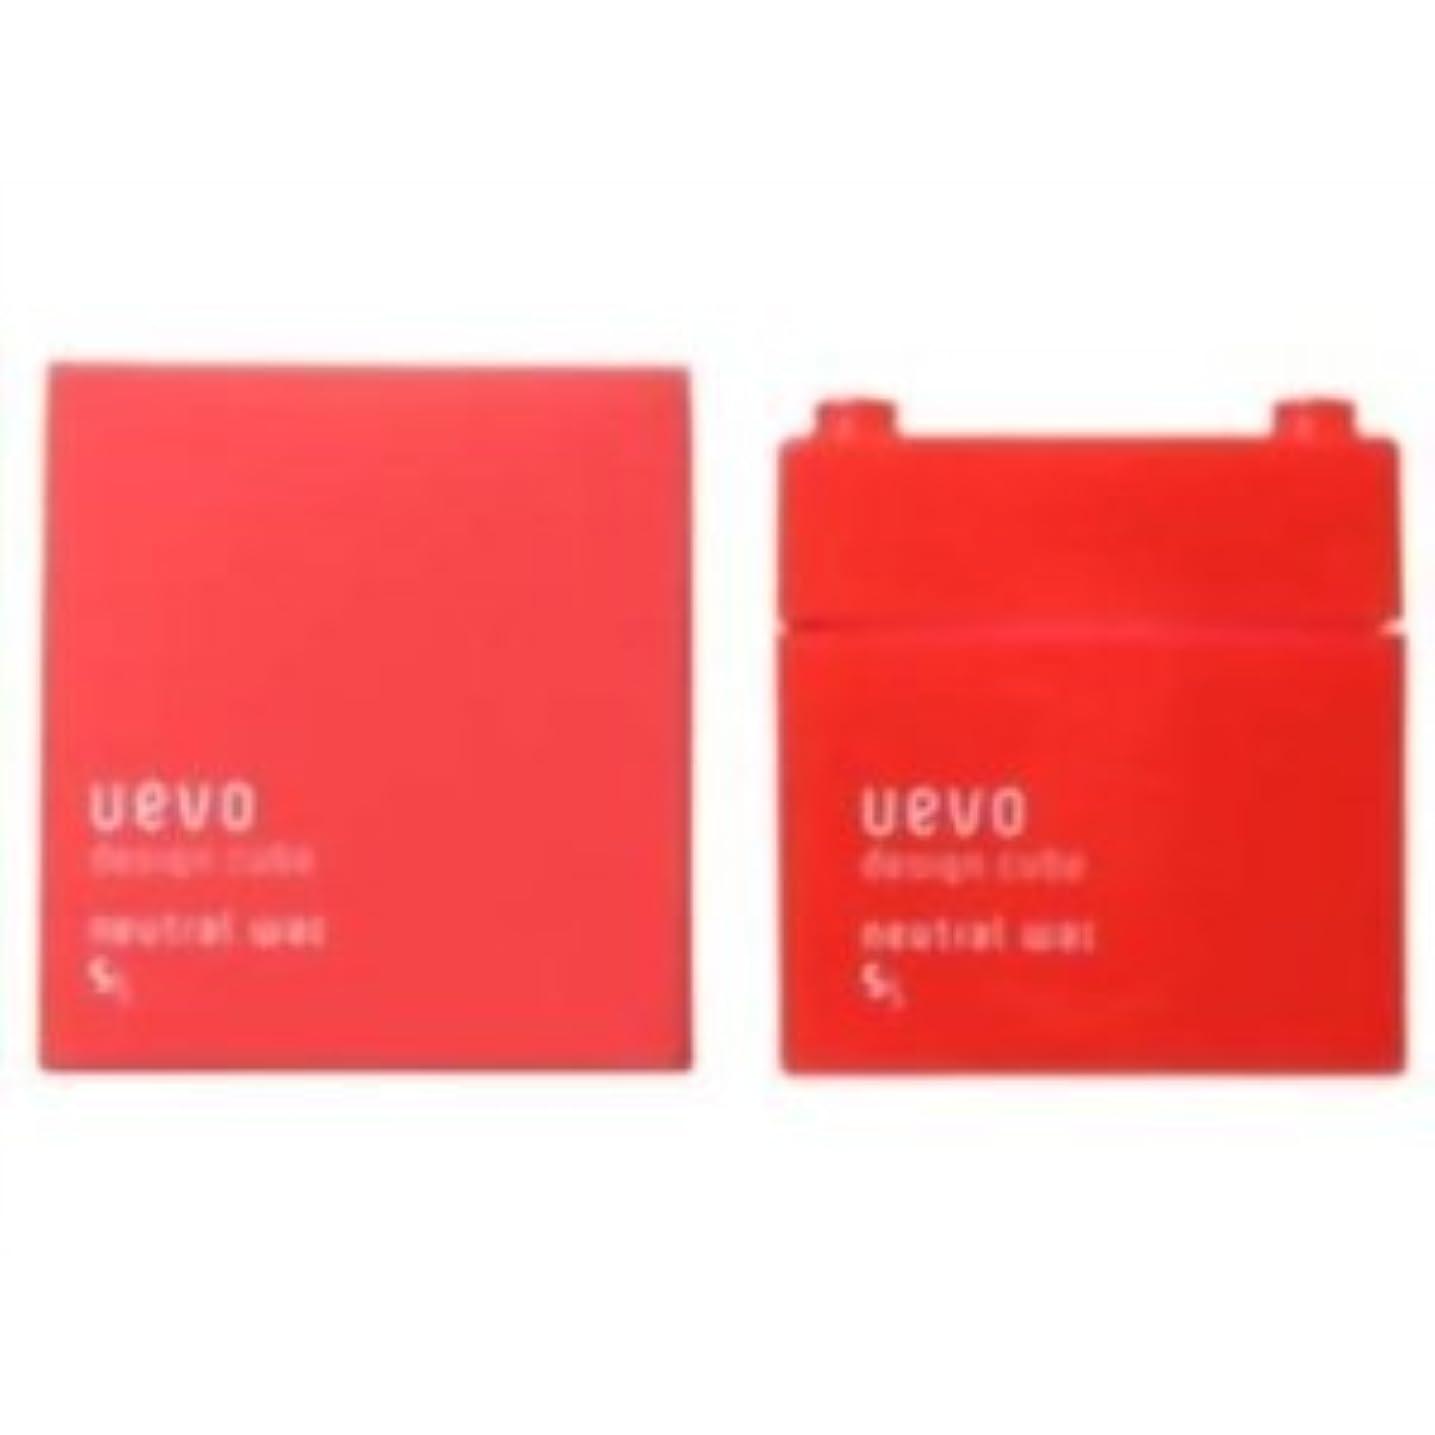 いいねラフ愛国的な【X3個セット】 デミ ウェーボ デザインキューブ ニュートラルワックス 80g neutral wax DEMI uevo design cube